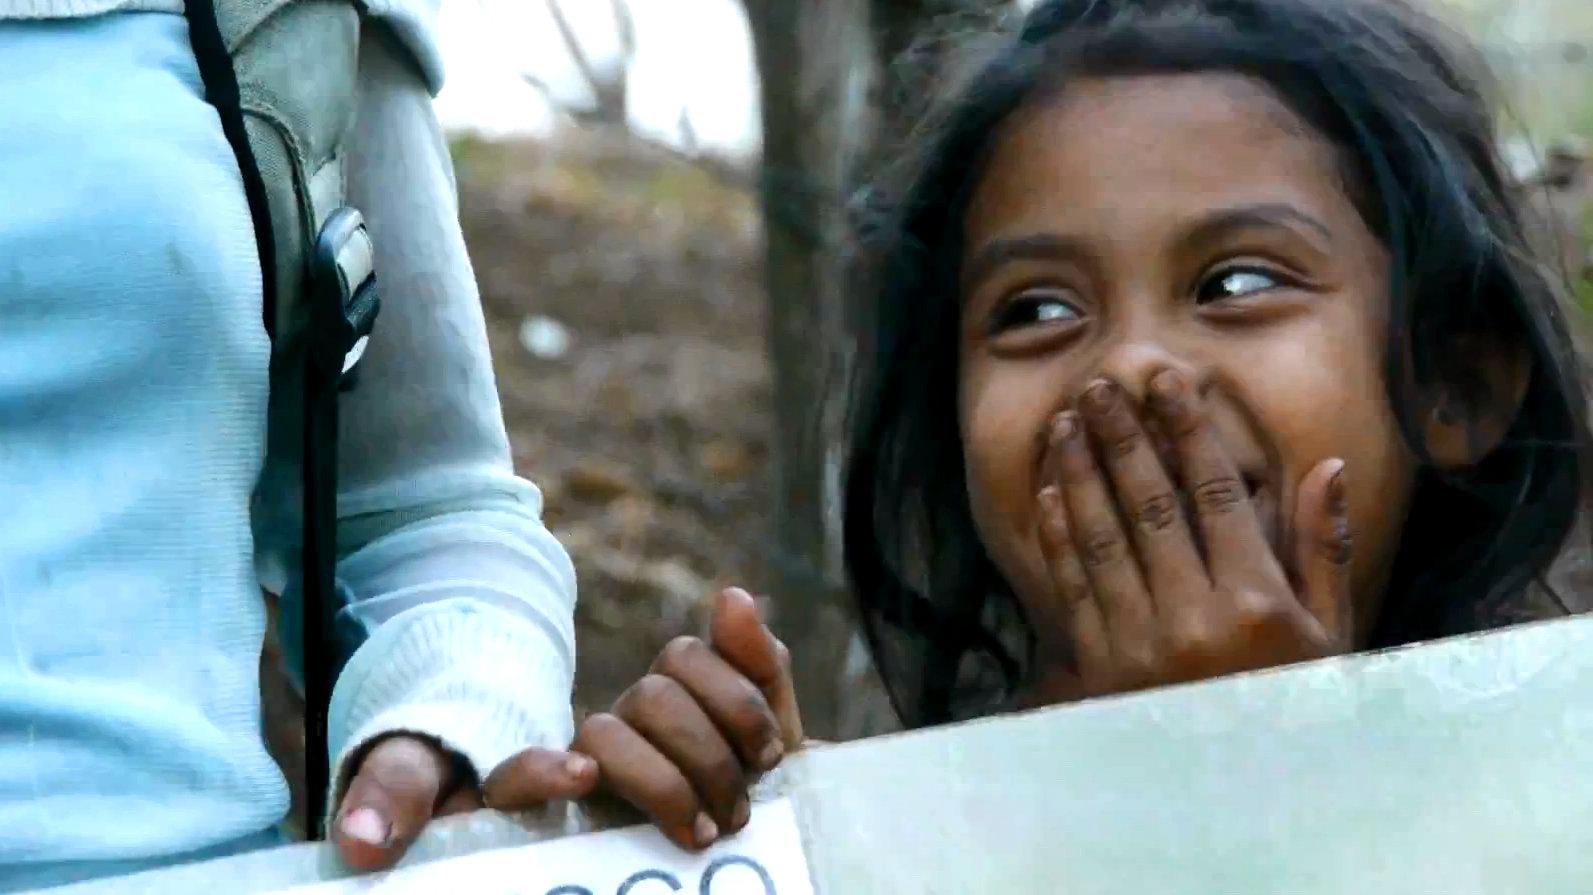 Ein kleines Mädchen lächelt in Nicaragua in die Kamera.